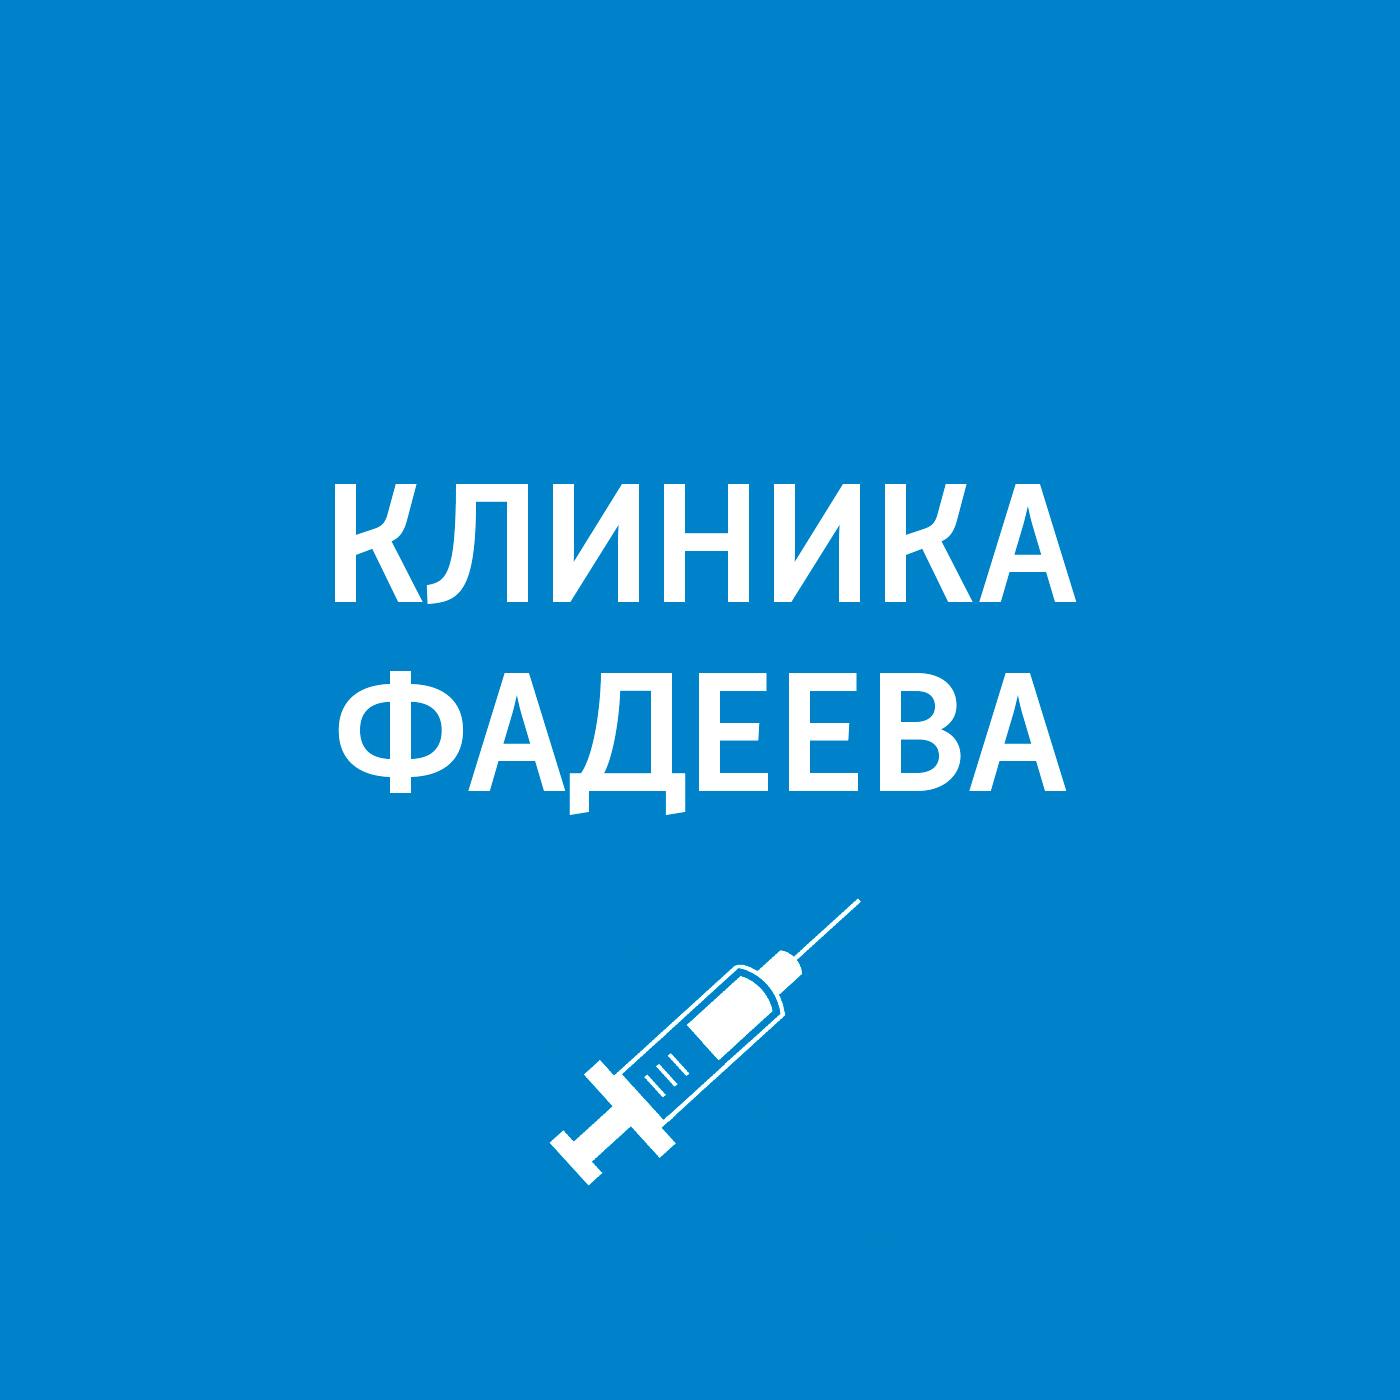 Пётр Фадеев Прием ведет врач-гастроэнтеролог. Весеннее обострение заболеваний ЖКТ